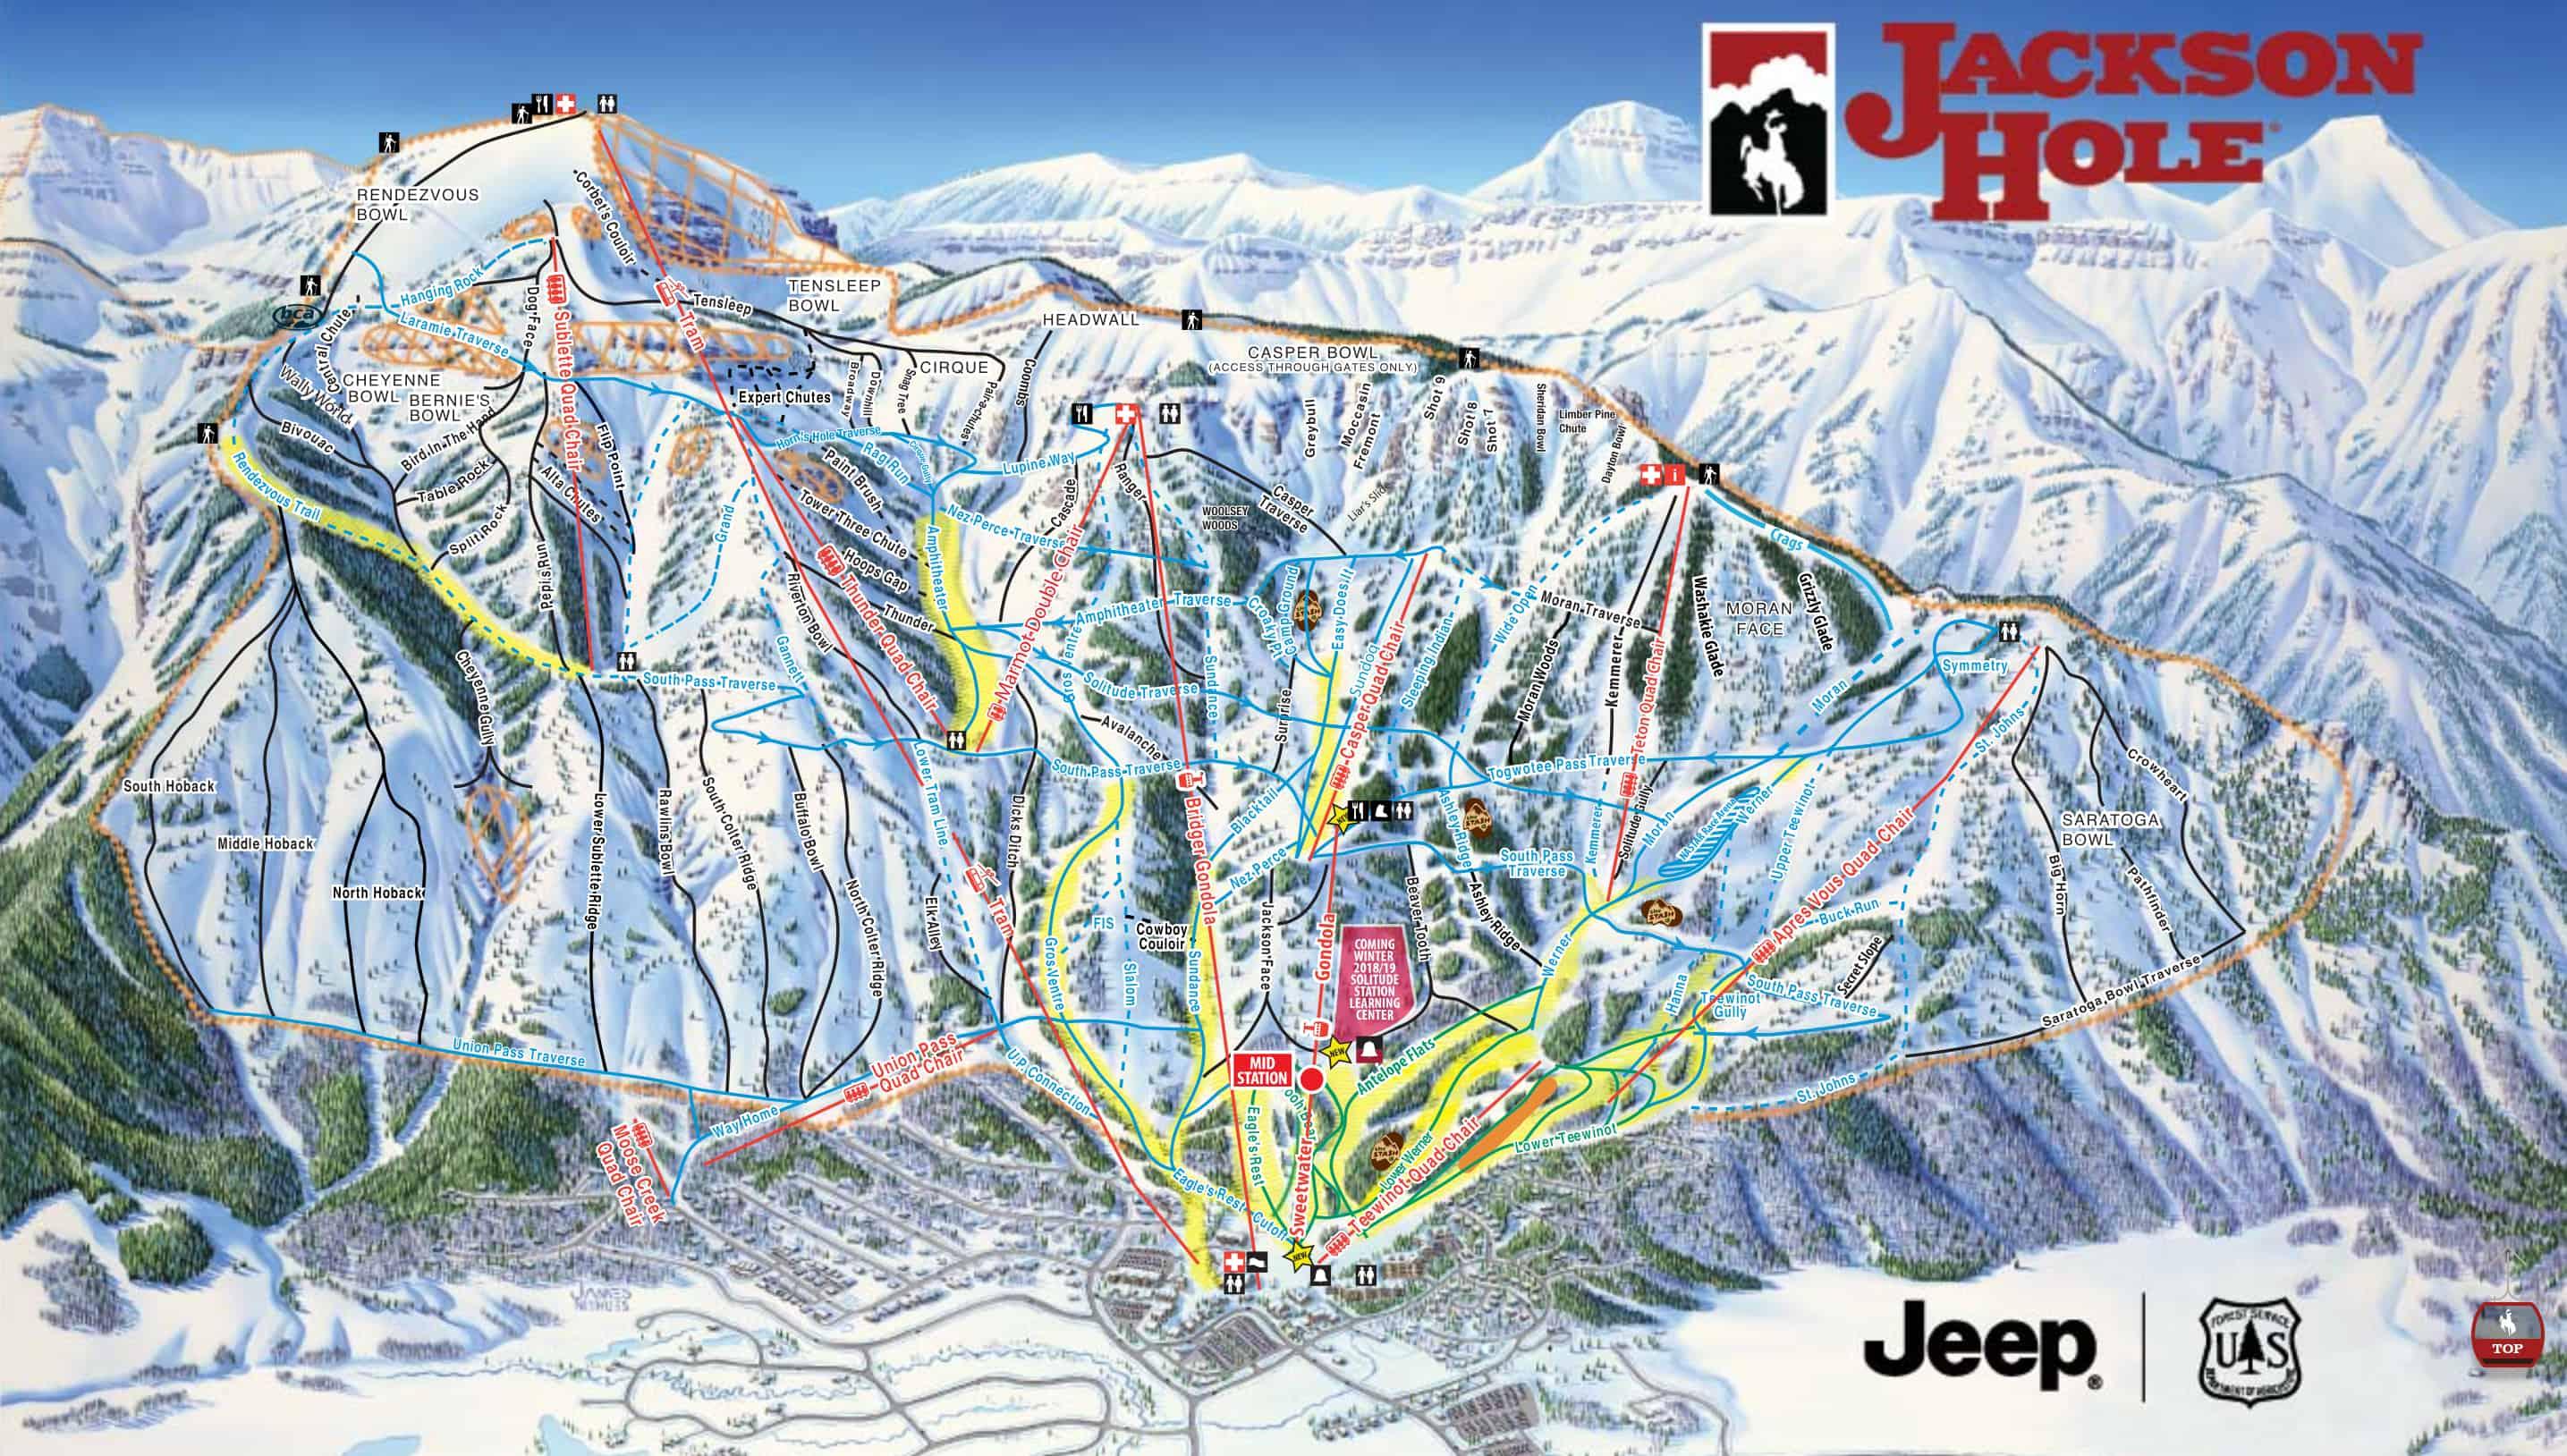 Jackson Hole map